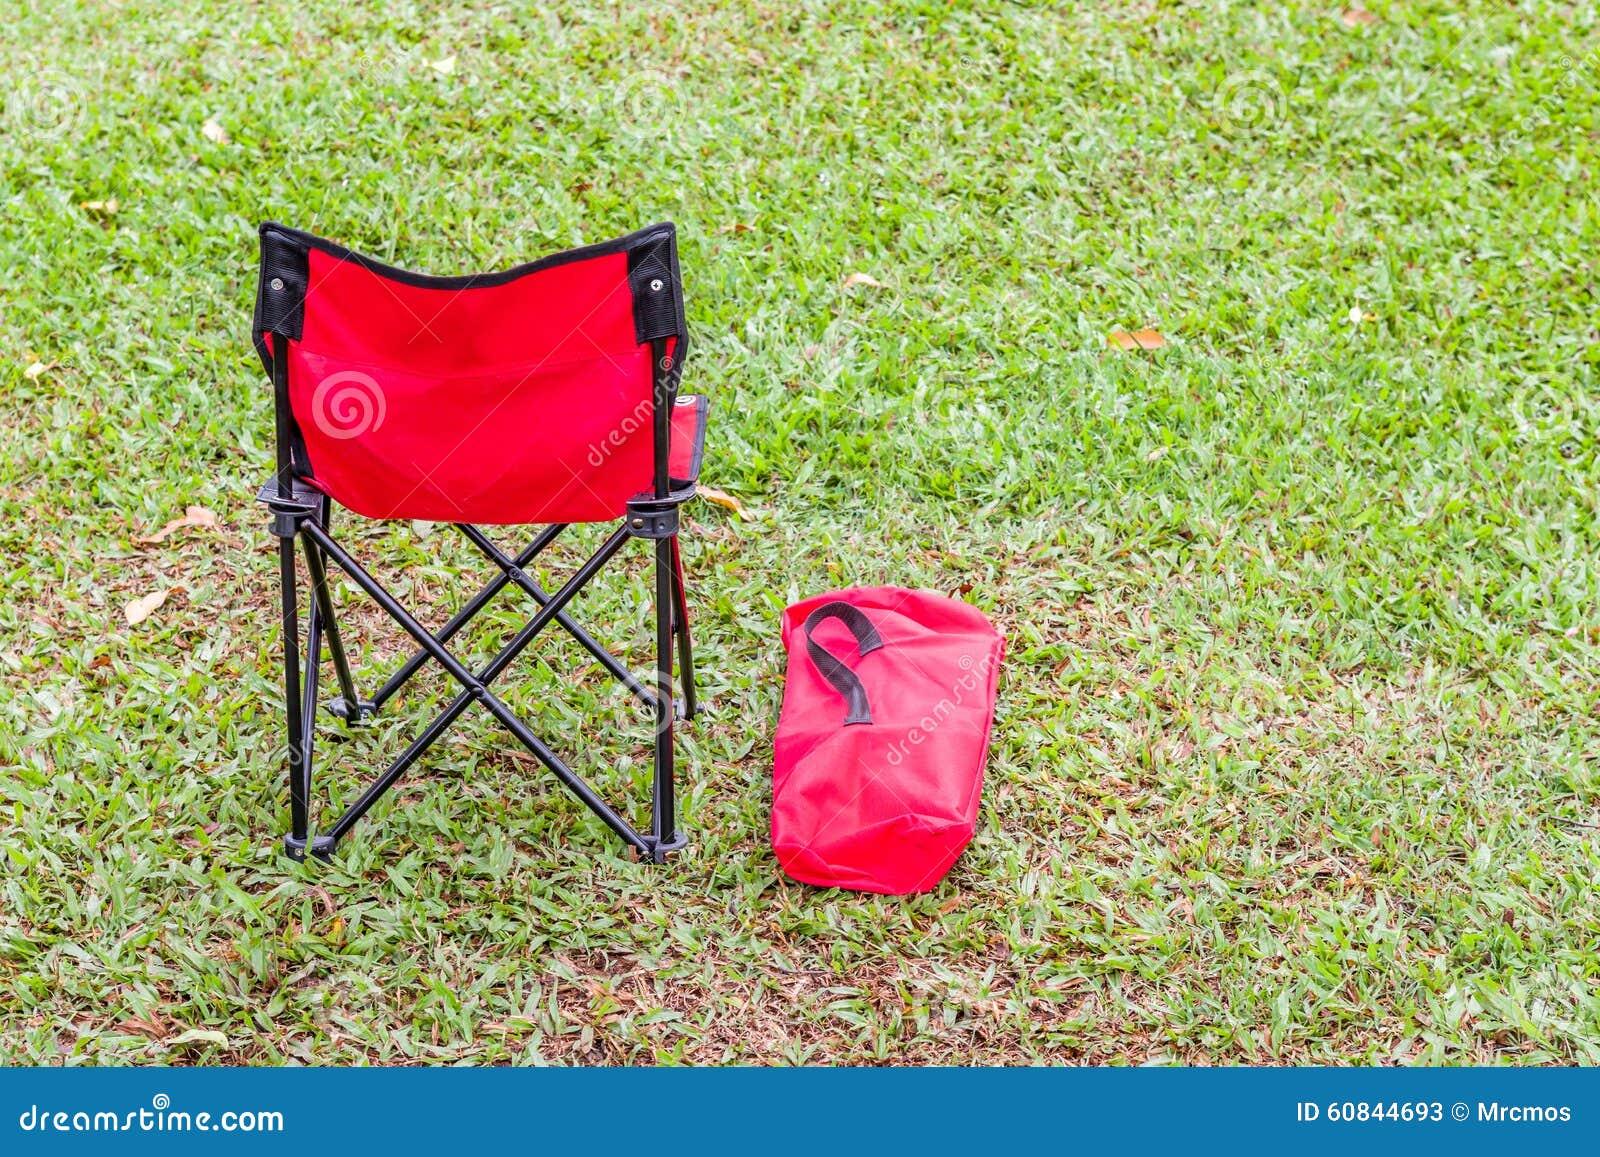 La Chaise Pliante Et Couverture Rouges Sur L Herbe Verte